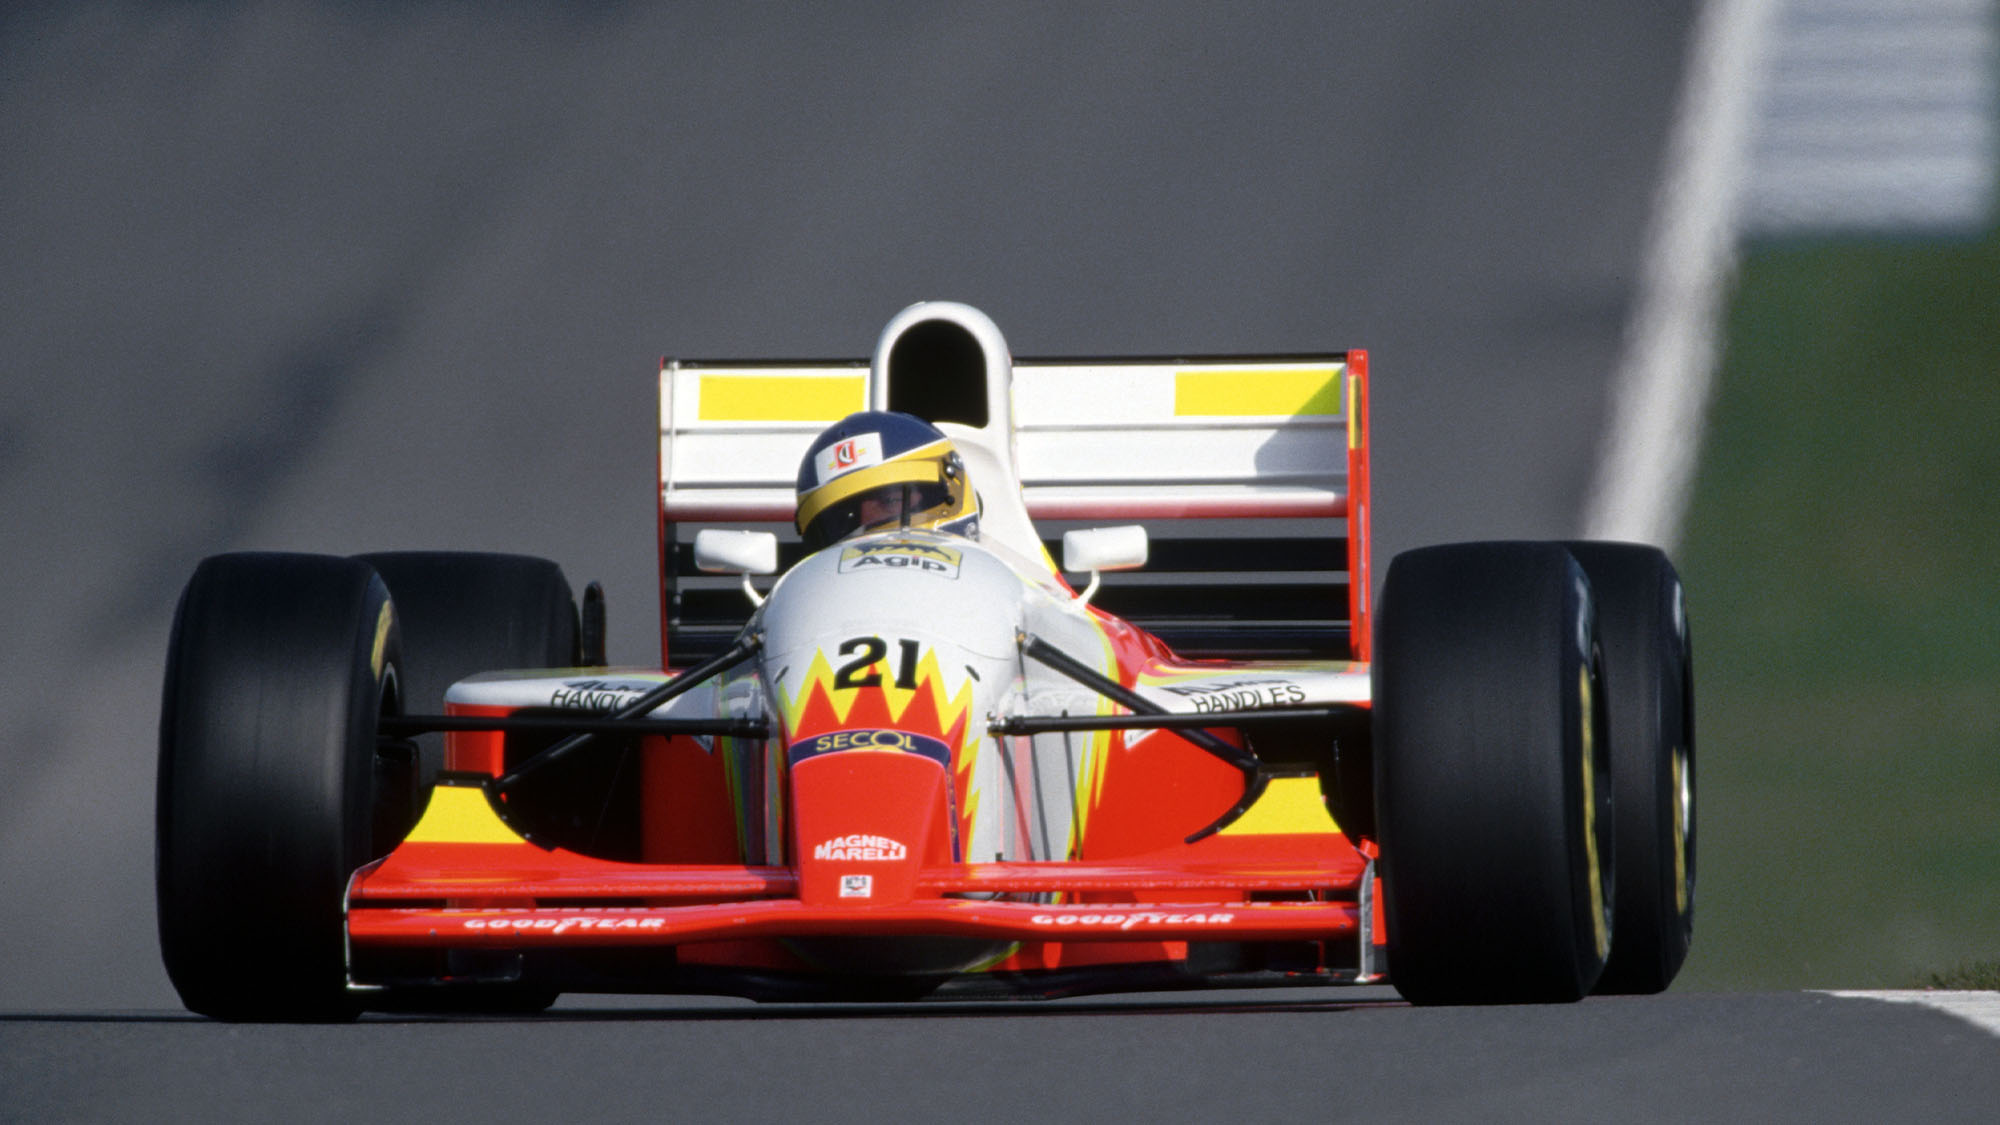 Alboretto Driving for Lola Ferrari (Photo by Jerome Prevost/TempSport/Corbis/VCG via Getty Images)